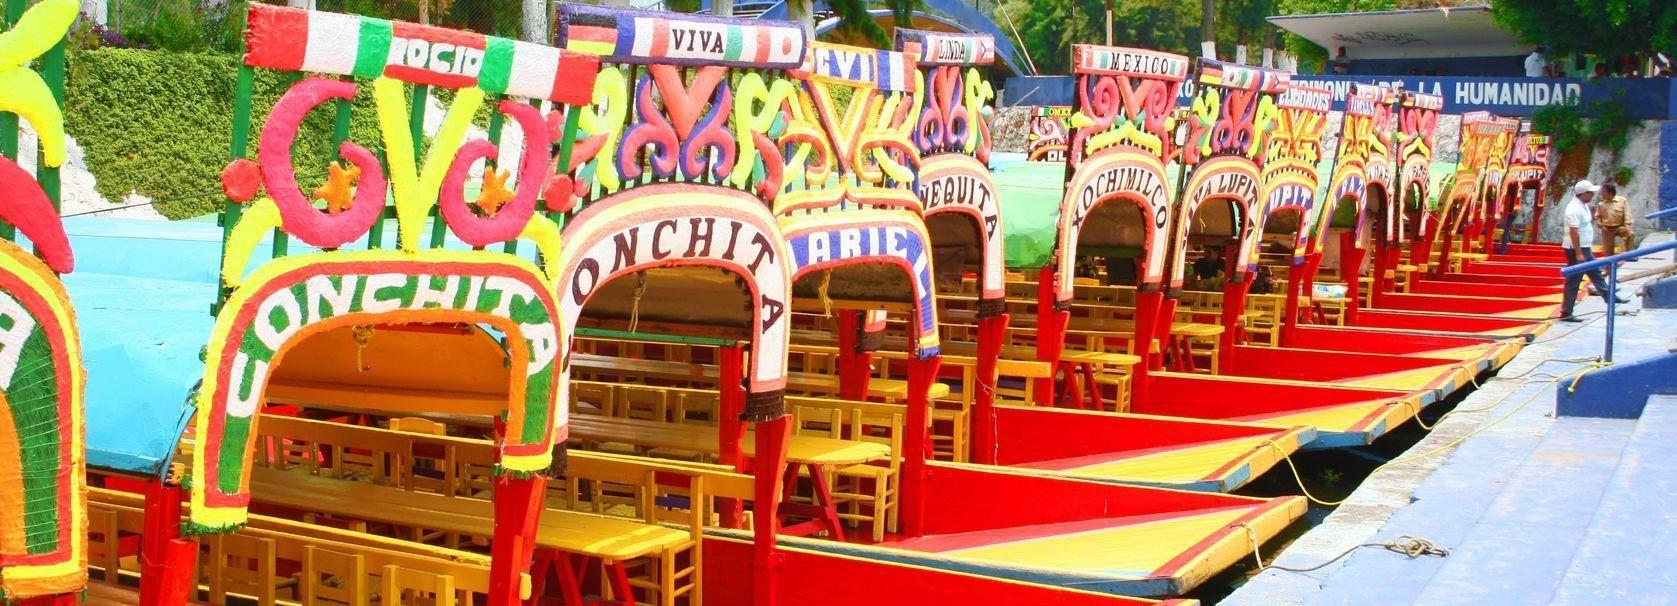 2 días: Teotihuacán, Xochimilco, santuario de Guadalupe